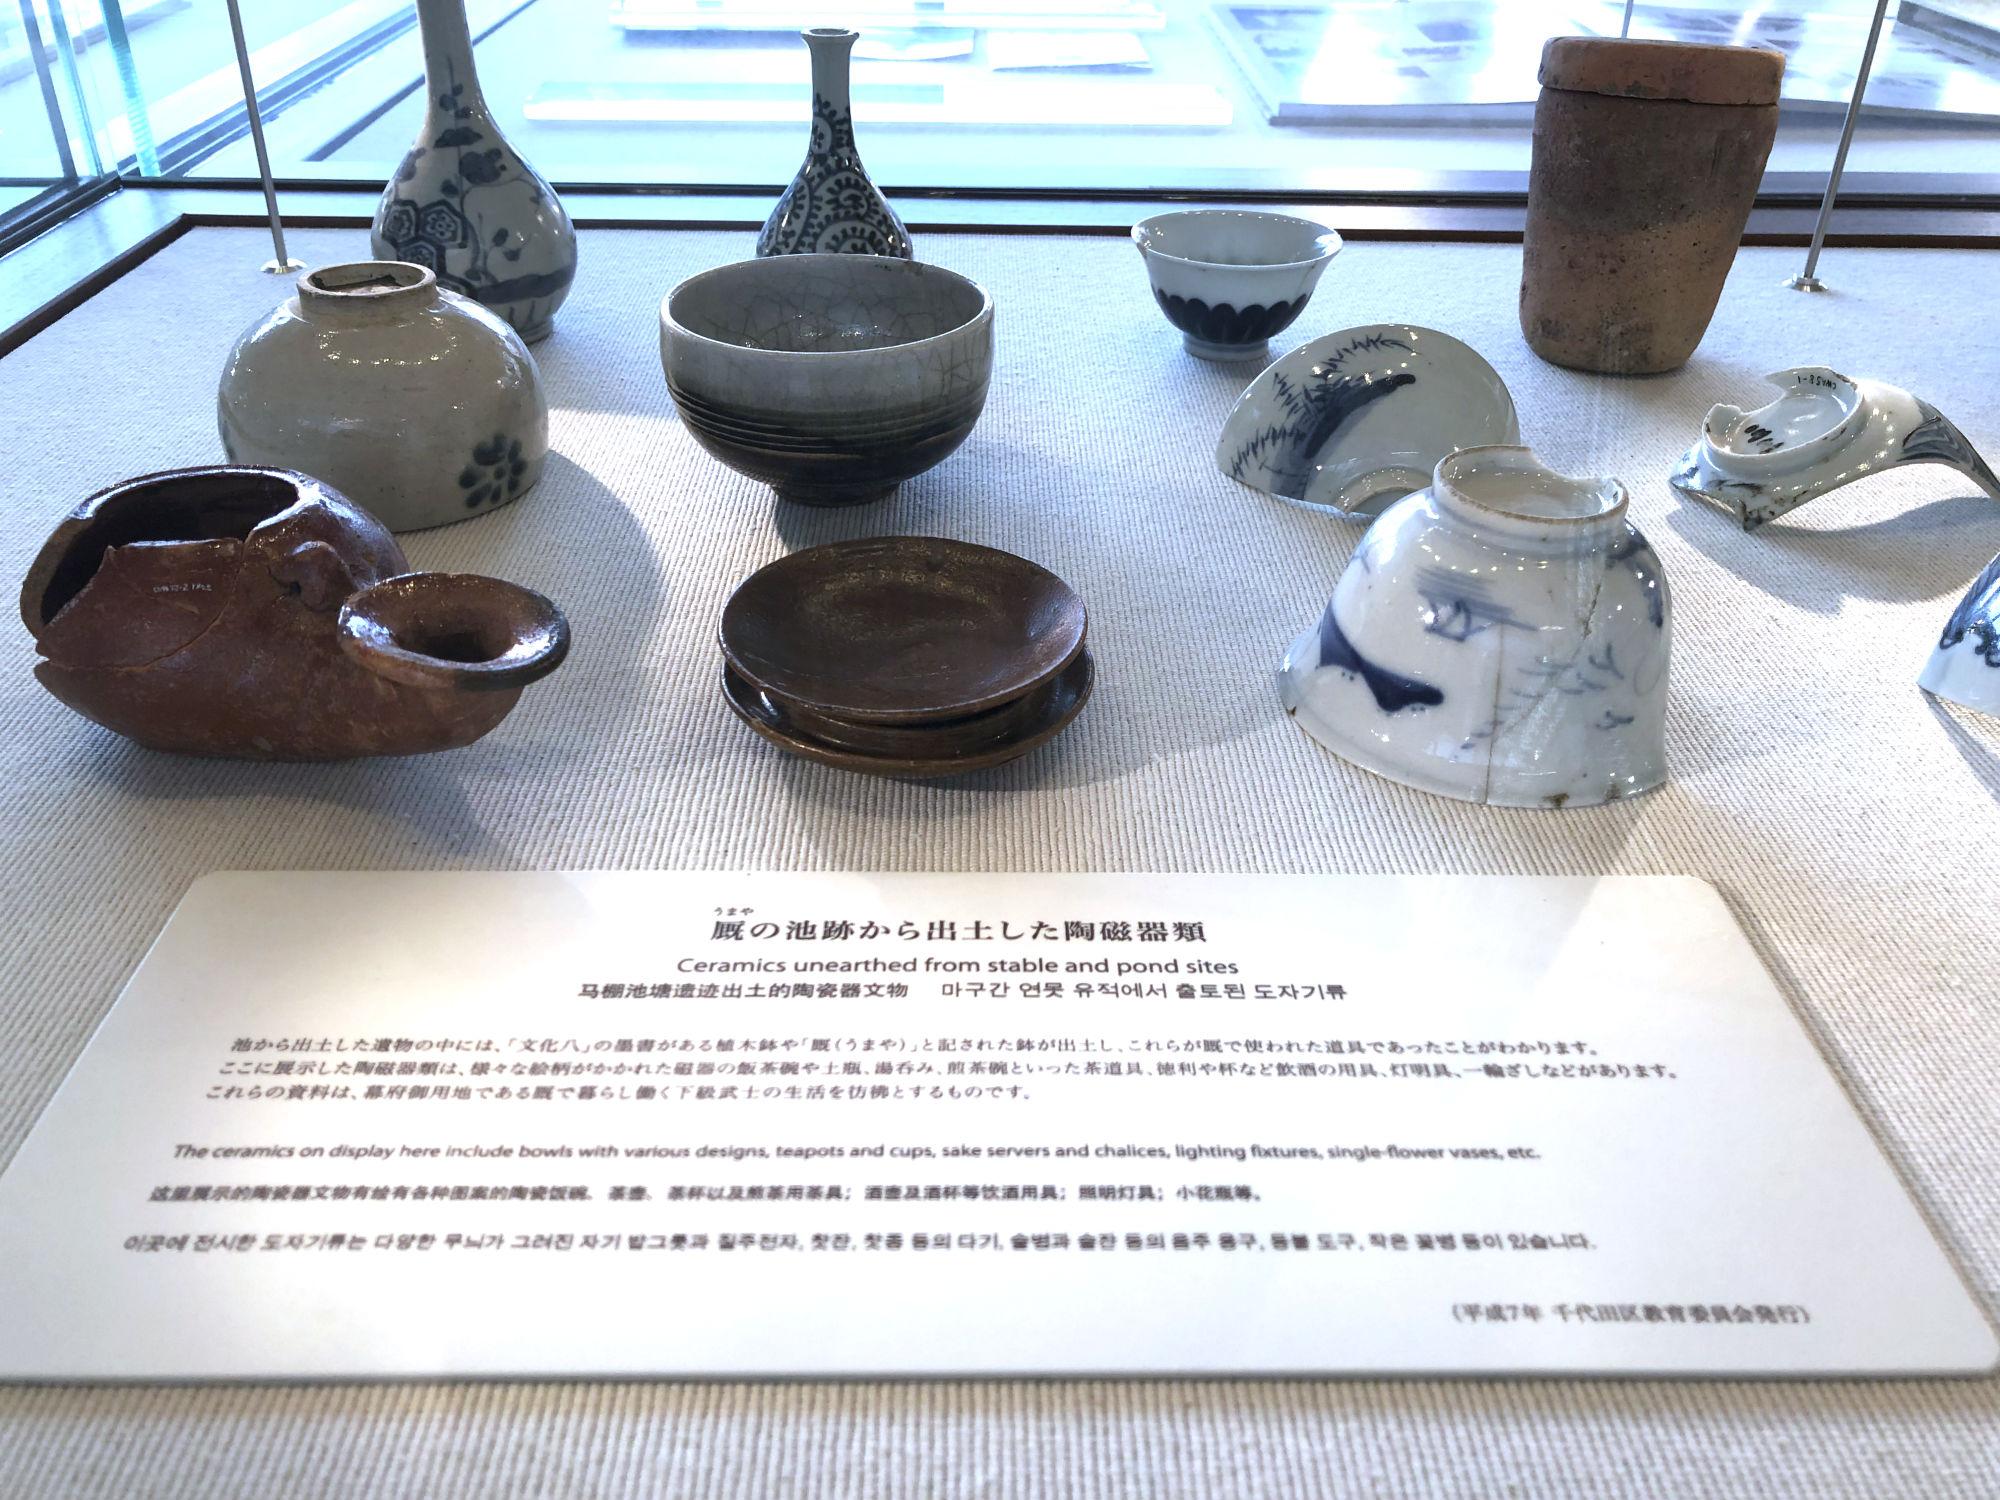 和田倉休憩所展示